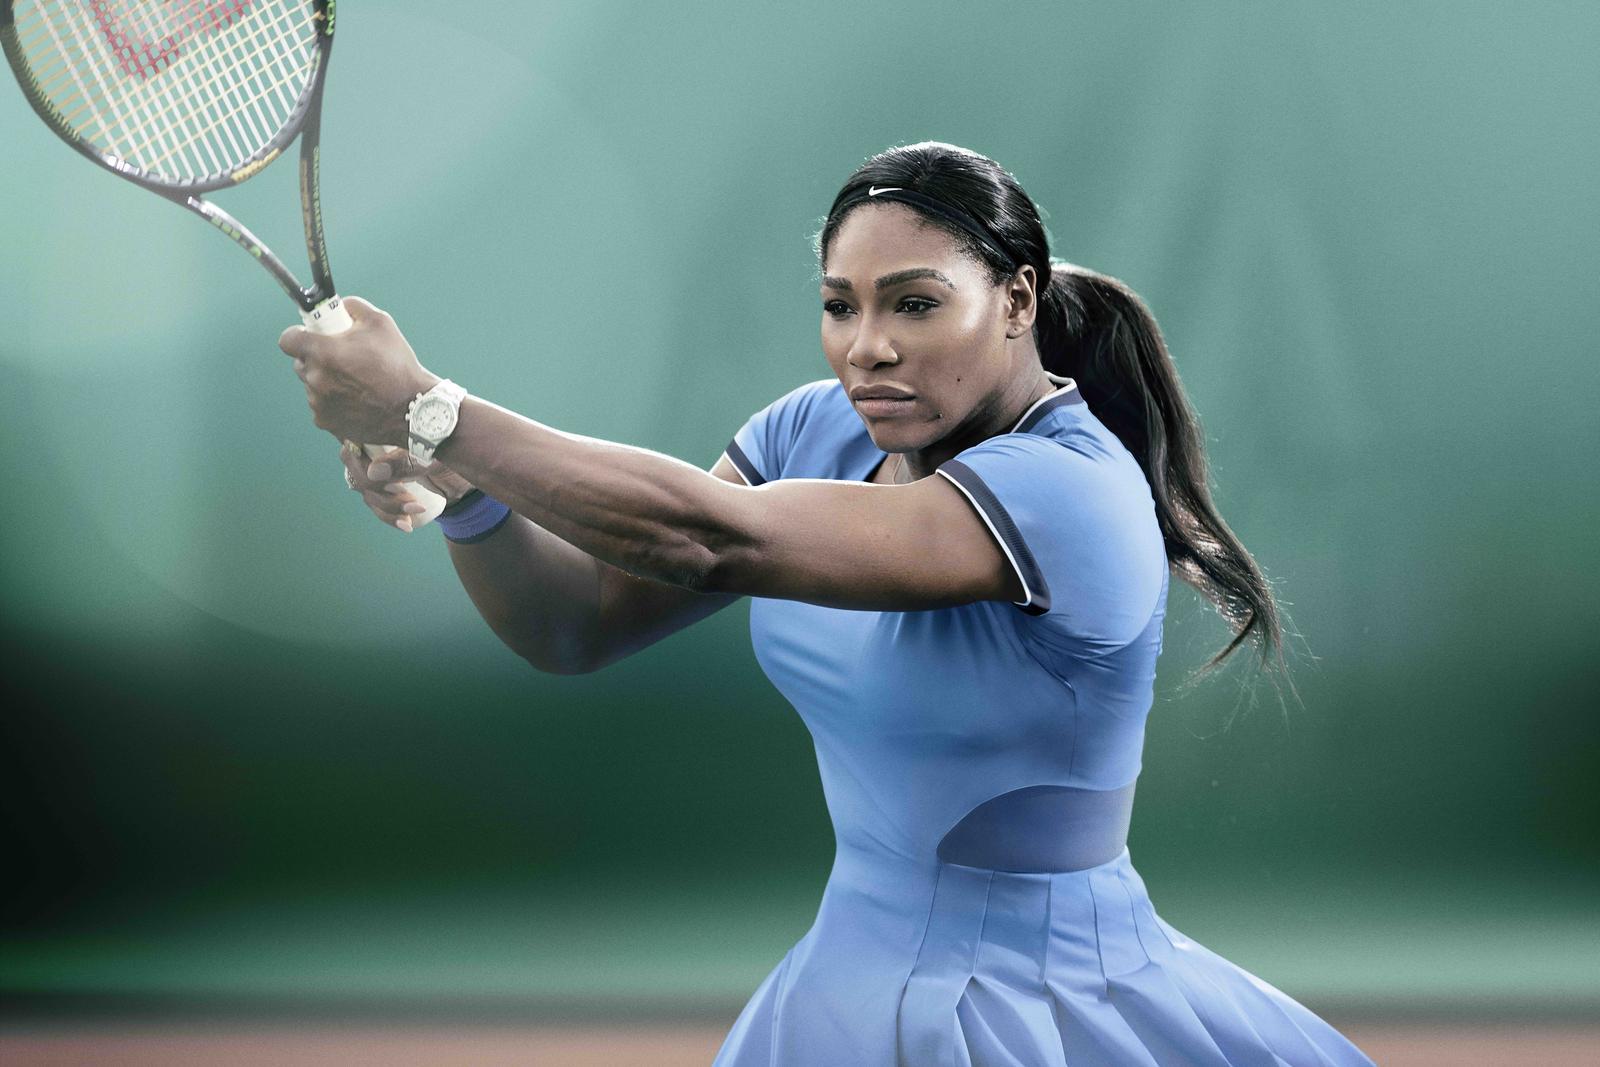 Serena_Williams roland garros 2016 outfit nike tennis nikecourt